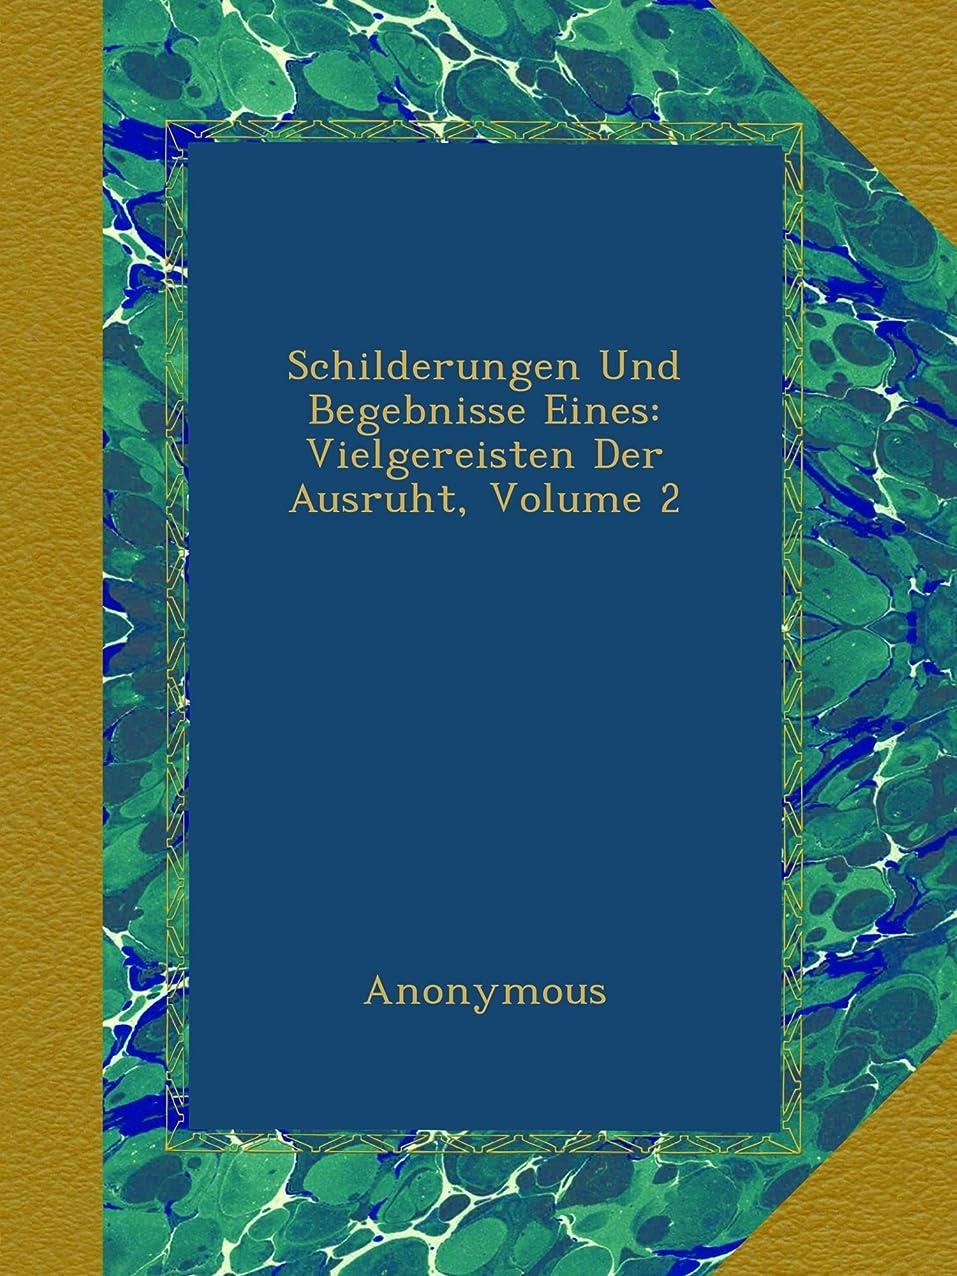 ケント刈る原点Schilderungen Und Begebnisse Eines: Vielgereisten Der Ausruht, Volume 2